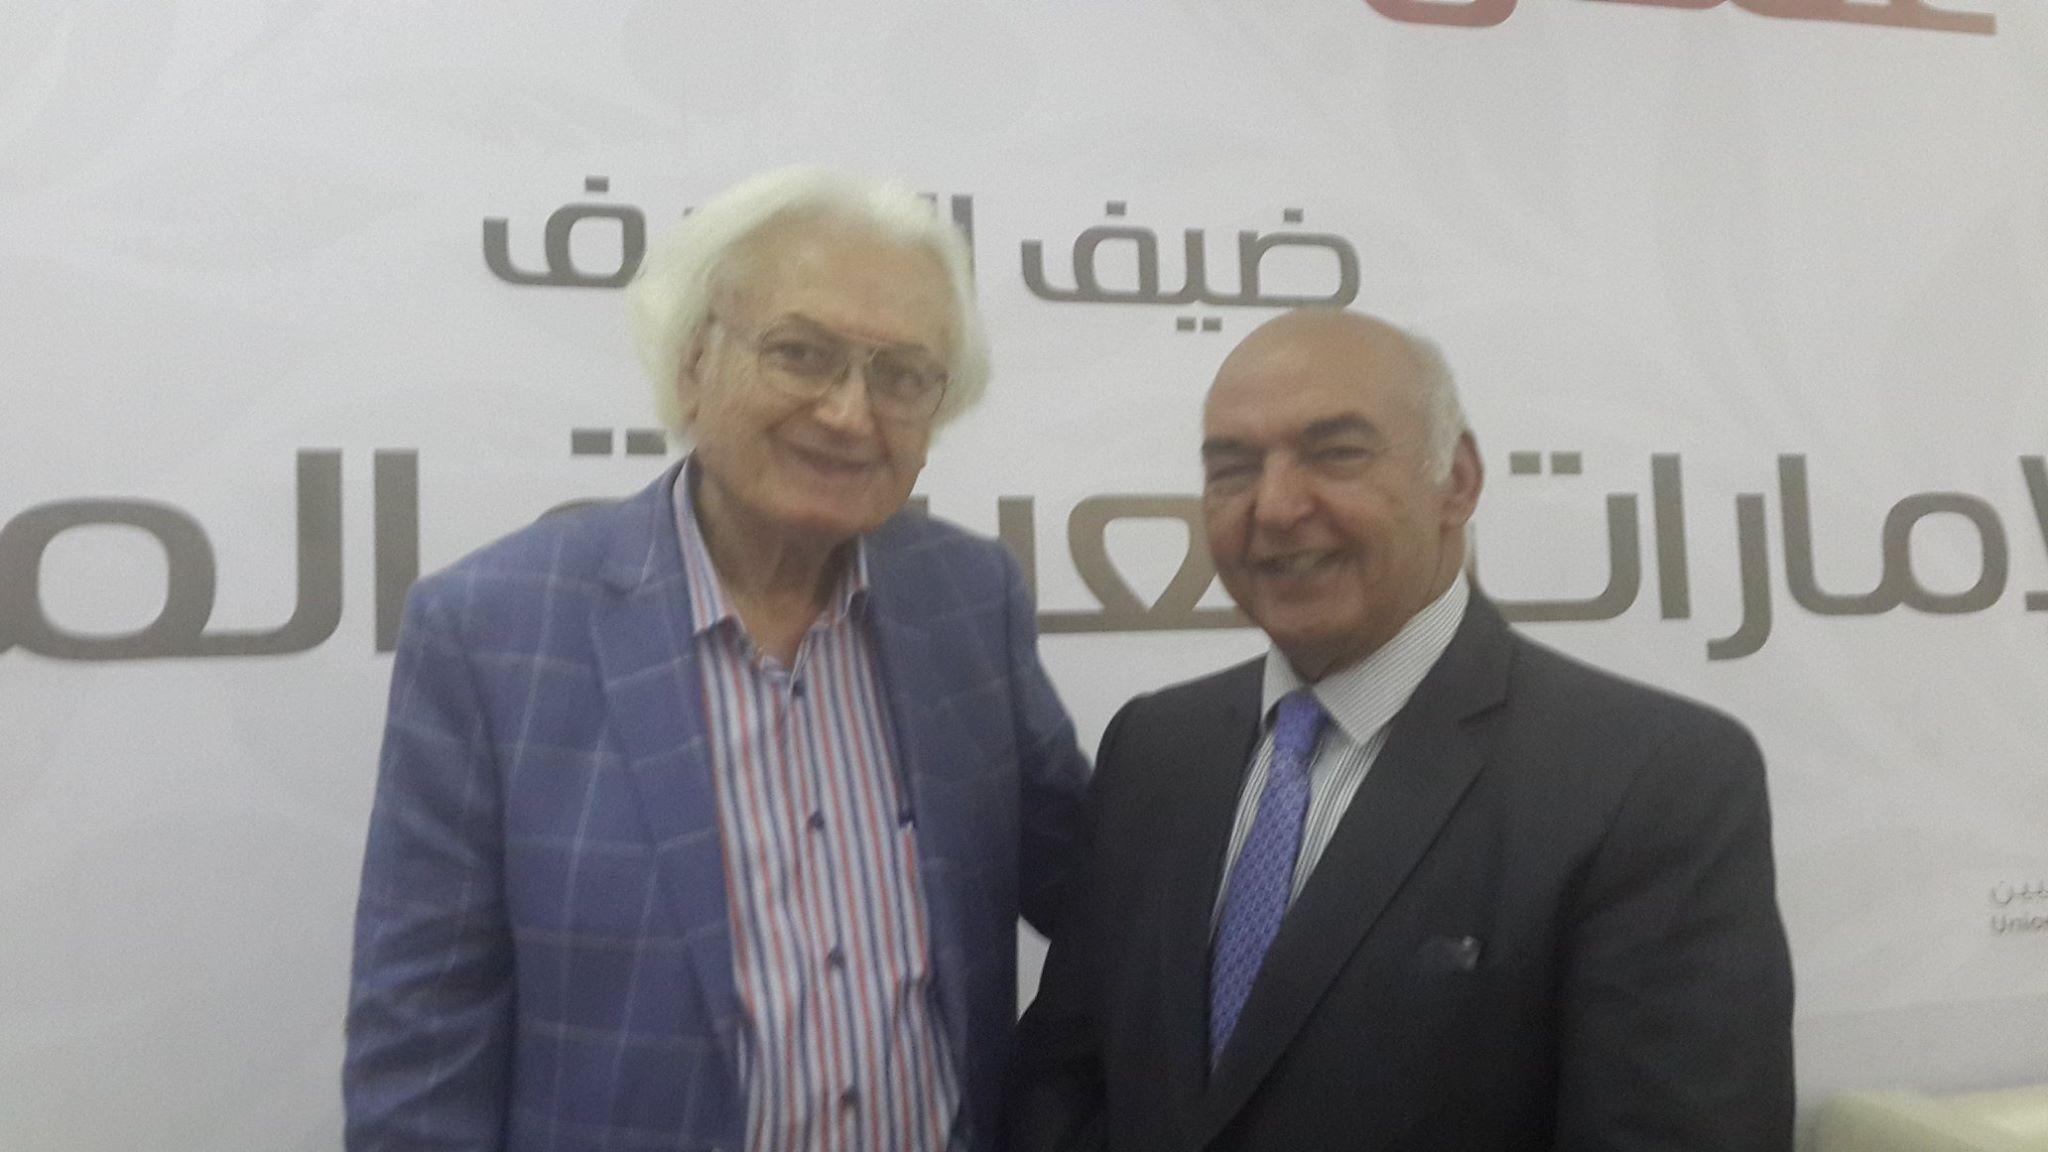 المفكر علي حرب والكاتب فرج عبدالسلام